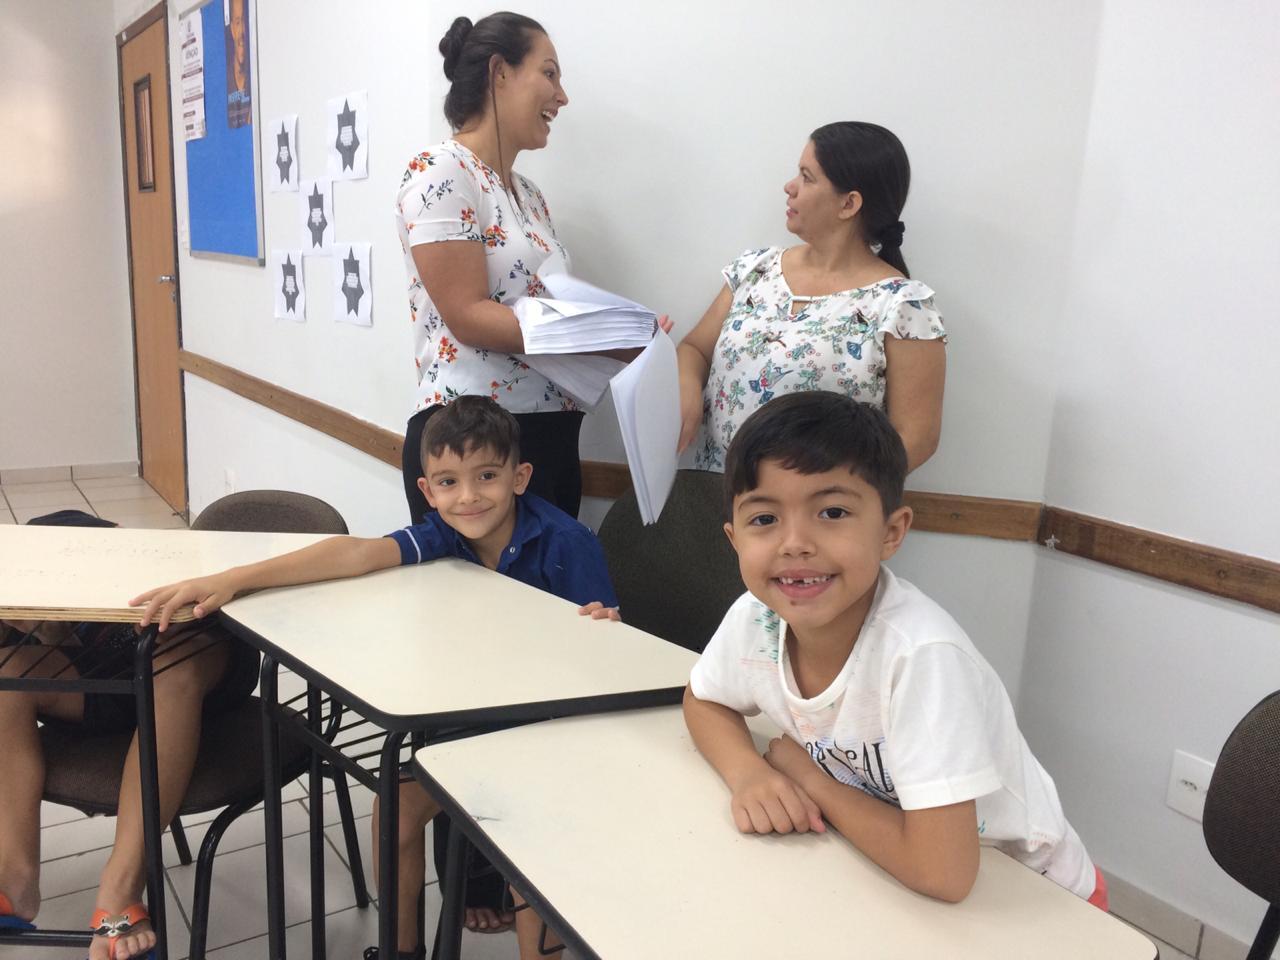 fotos convenção 2019 aula crianças domingo manhã 03-03_2019 (2)